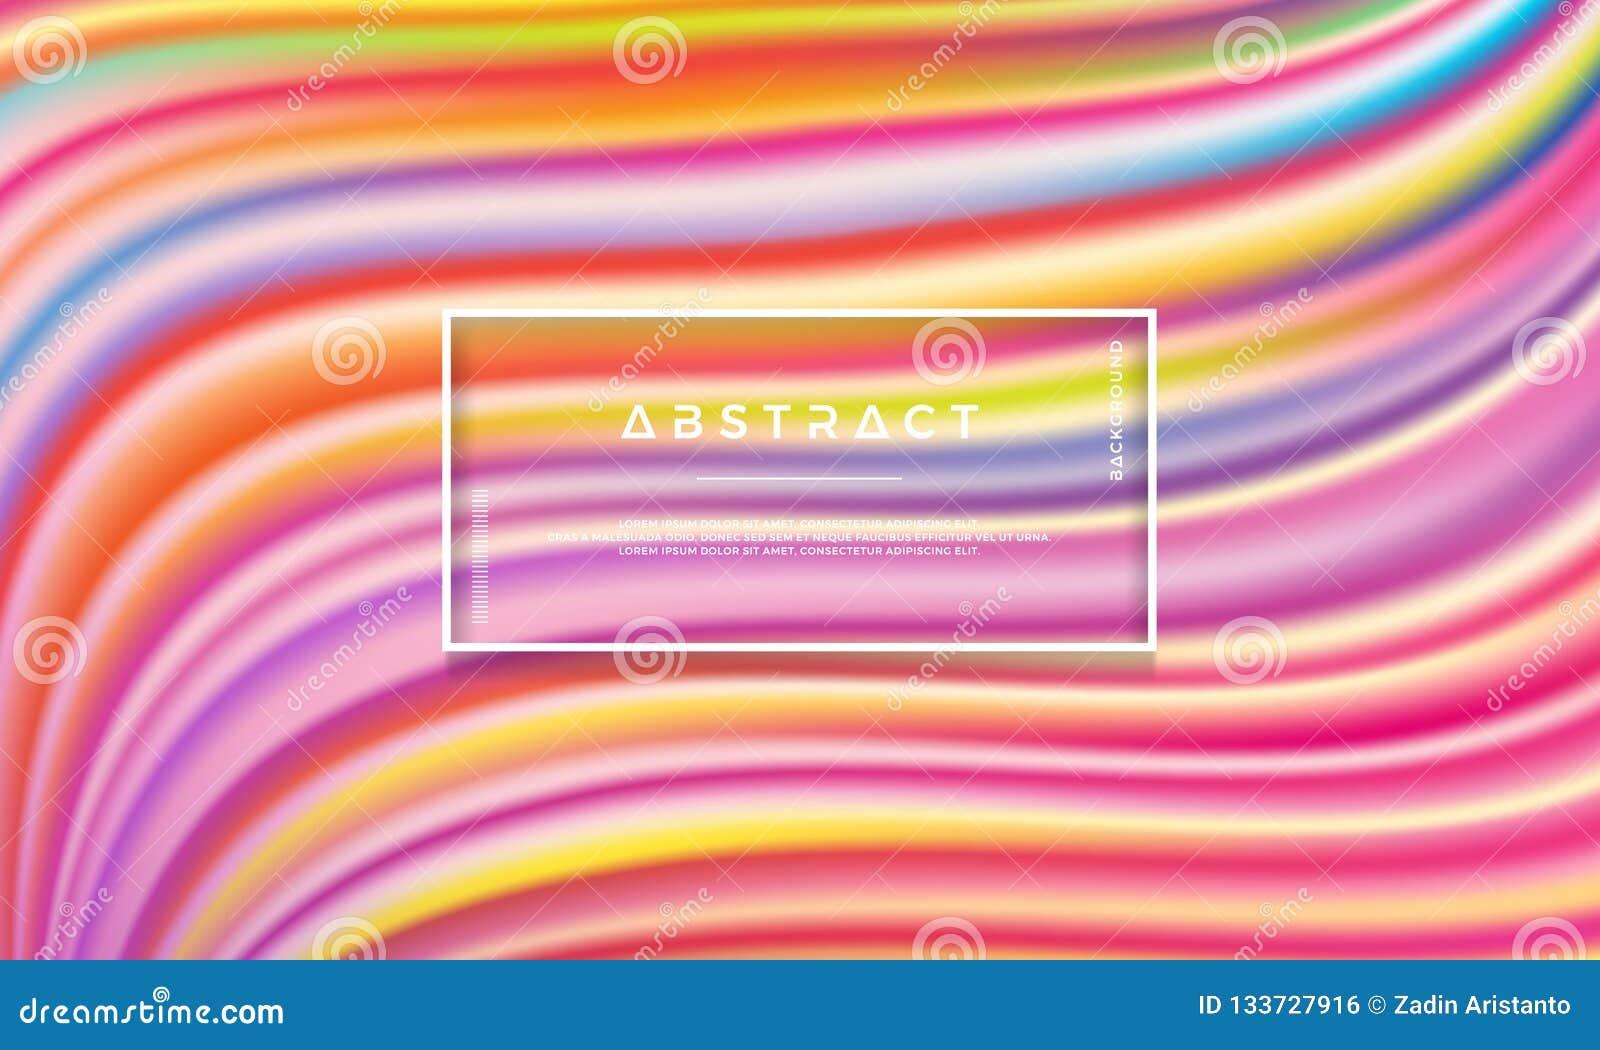 Moderner bunter abstrakter Hintergrund ist für digitalen Hintergrund, Tapete und andere passend